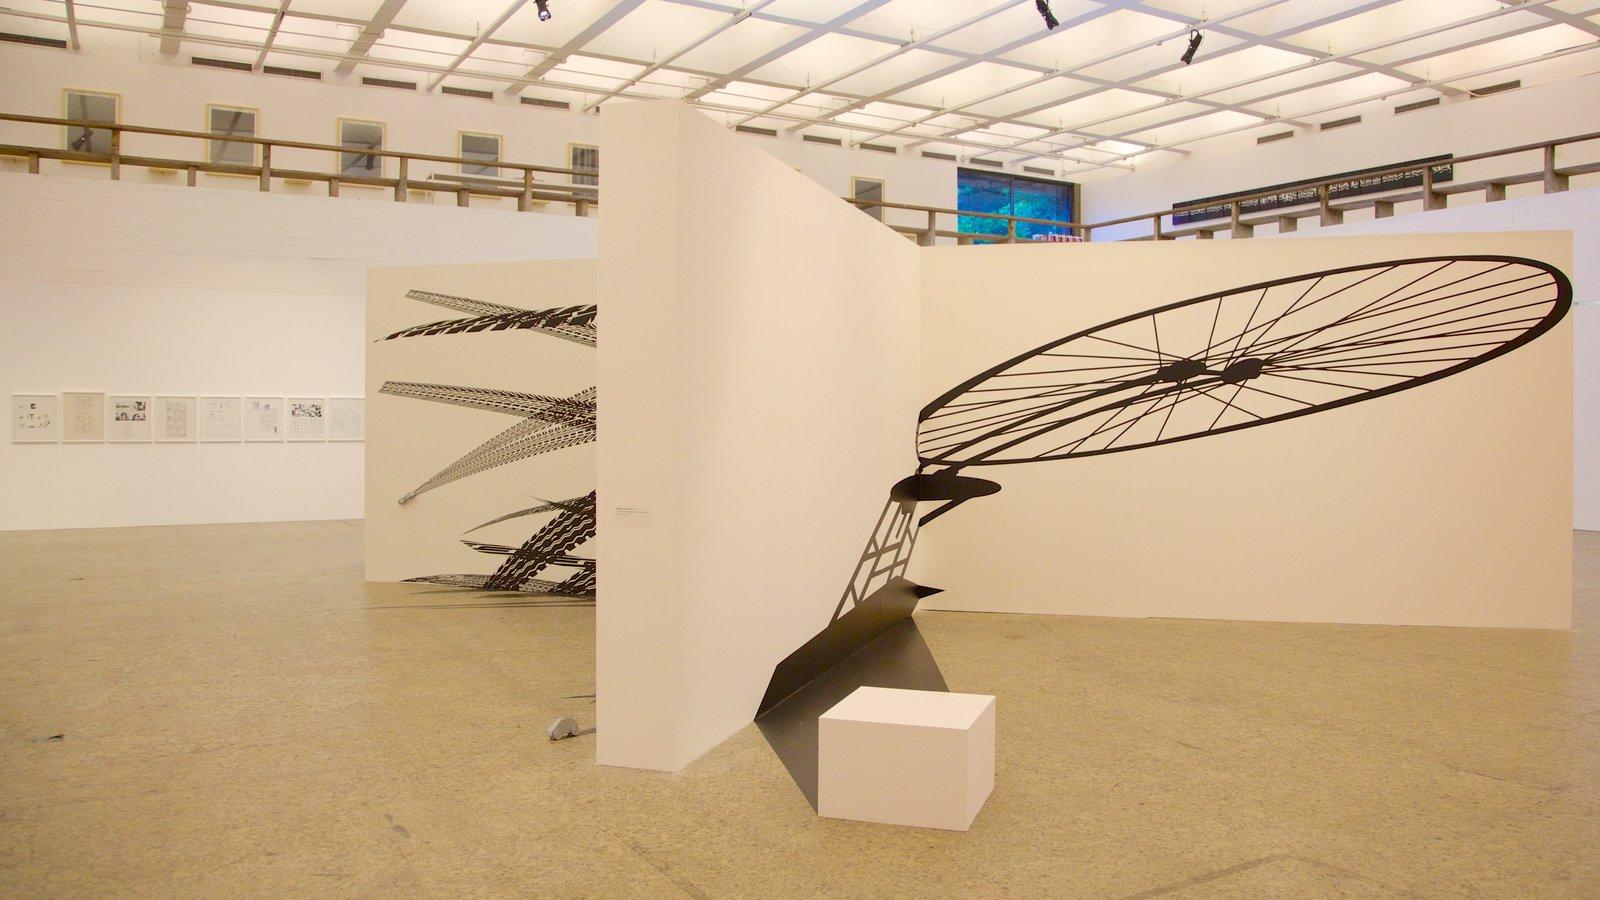 Museu de Arte Moderna que inclui vistas internas e arte